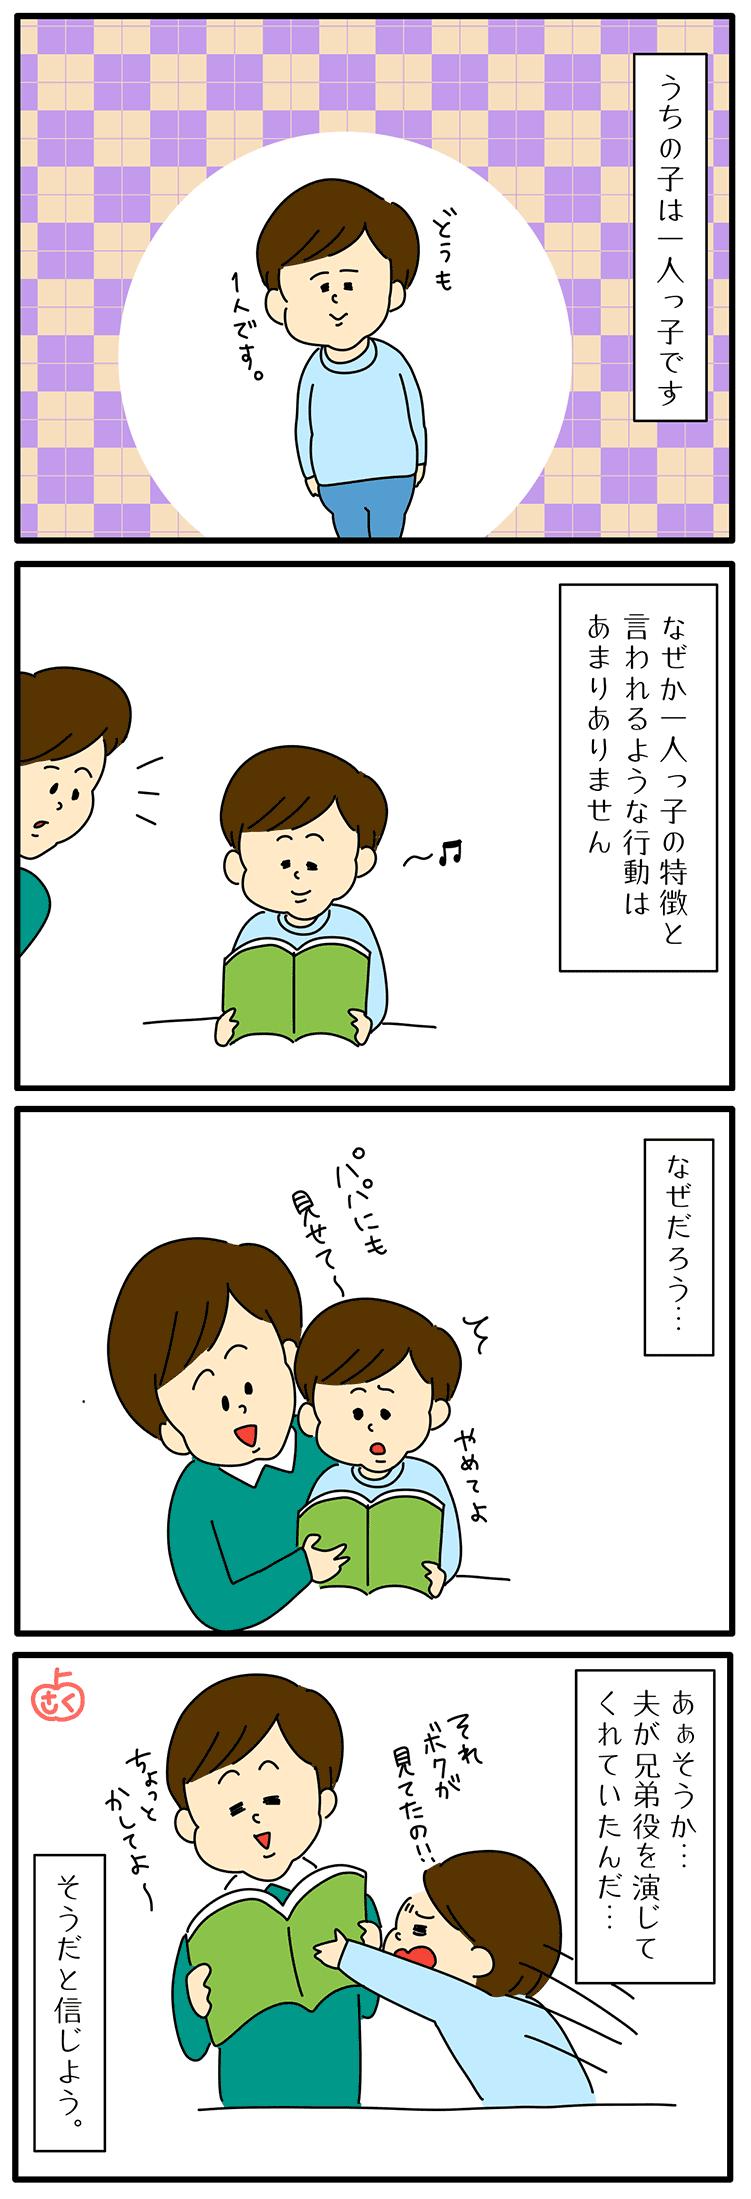 一人っ子の特徴についての永岡さくら(saku)子育て4コマ漫画